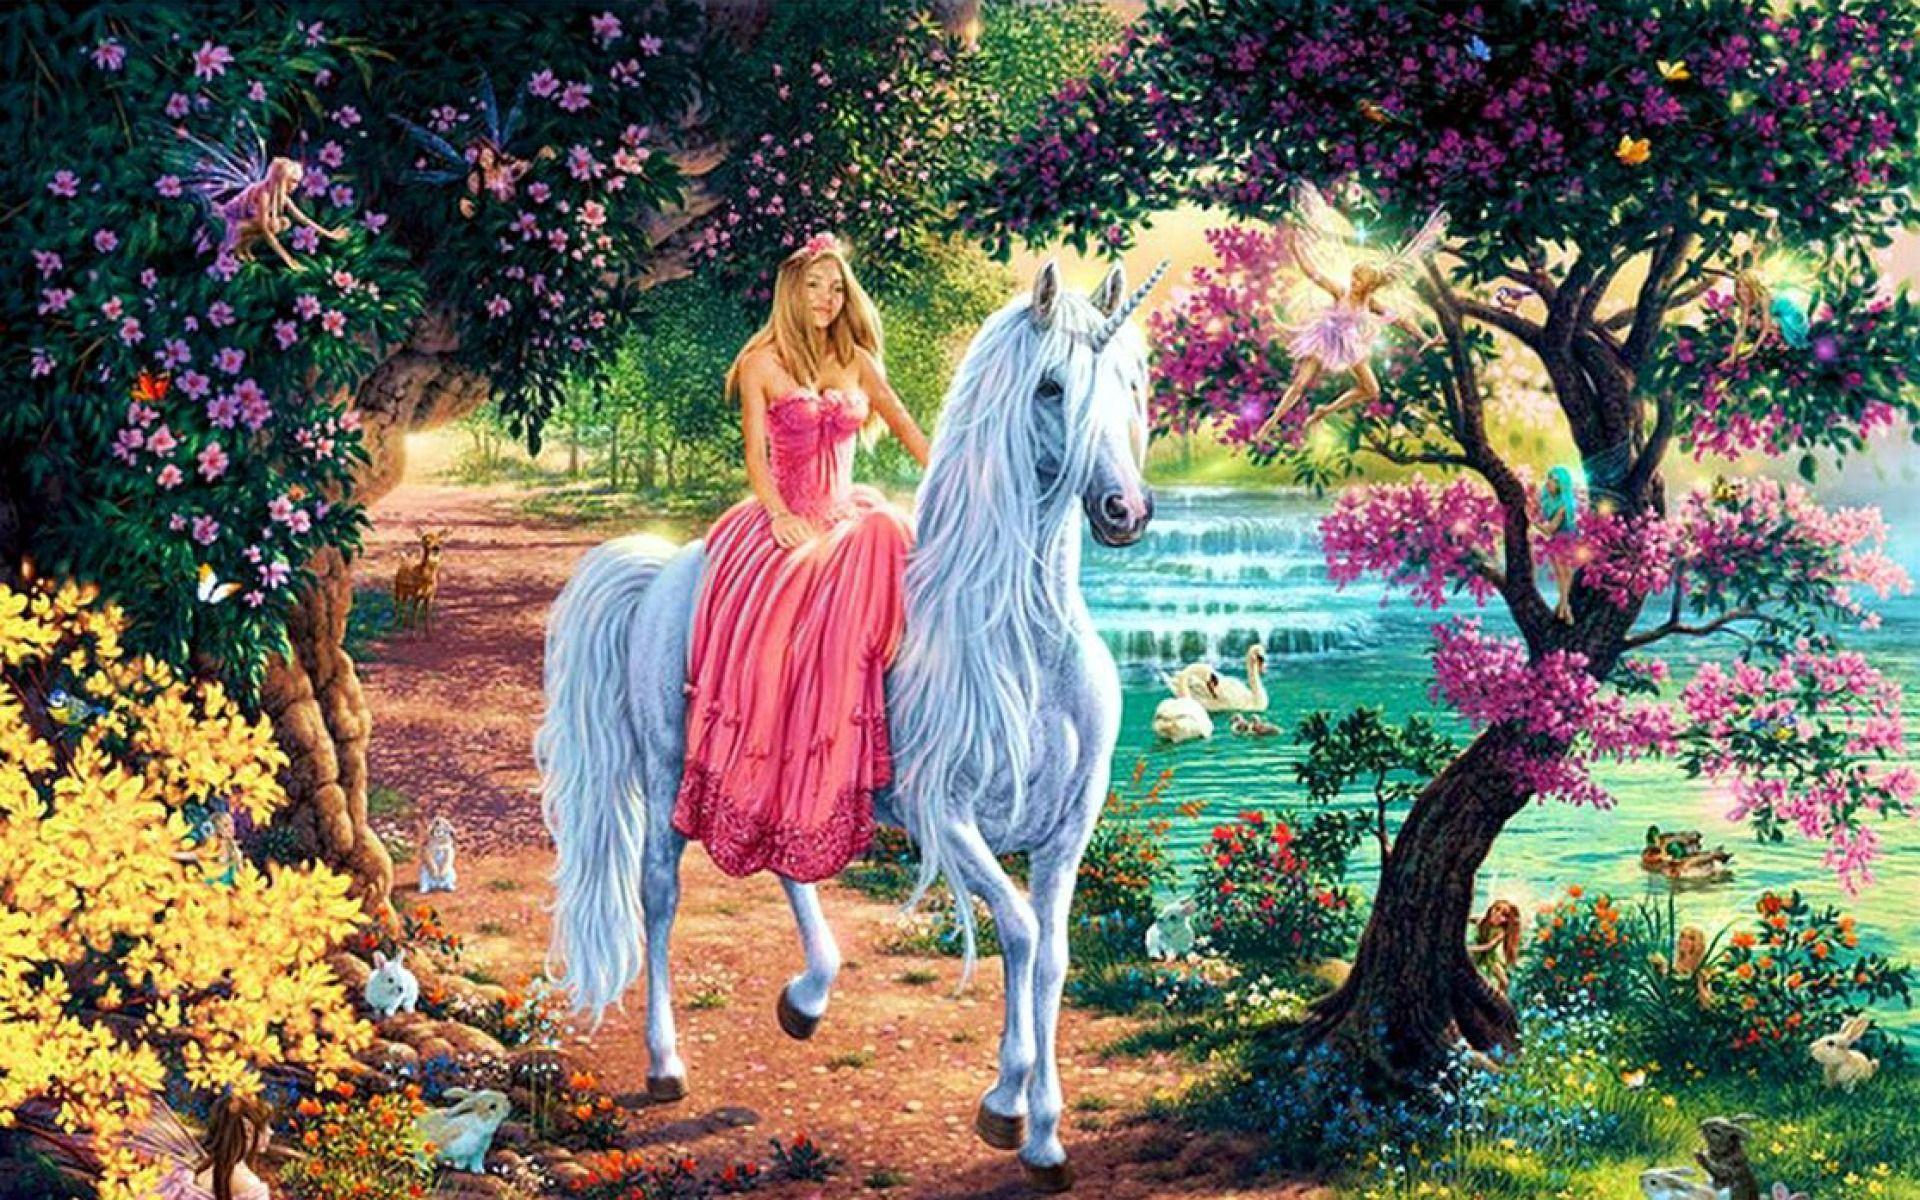 Cool Wallpaper Horse Spring - f48519d5f4a5492033a4789d7f9fac81  You Should Have_854848.jpg